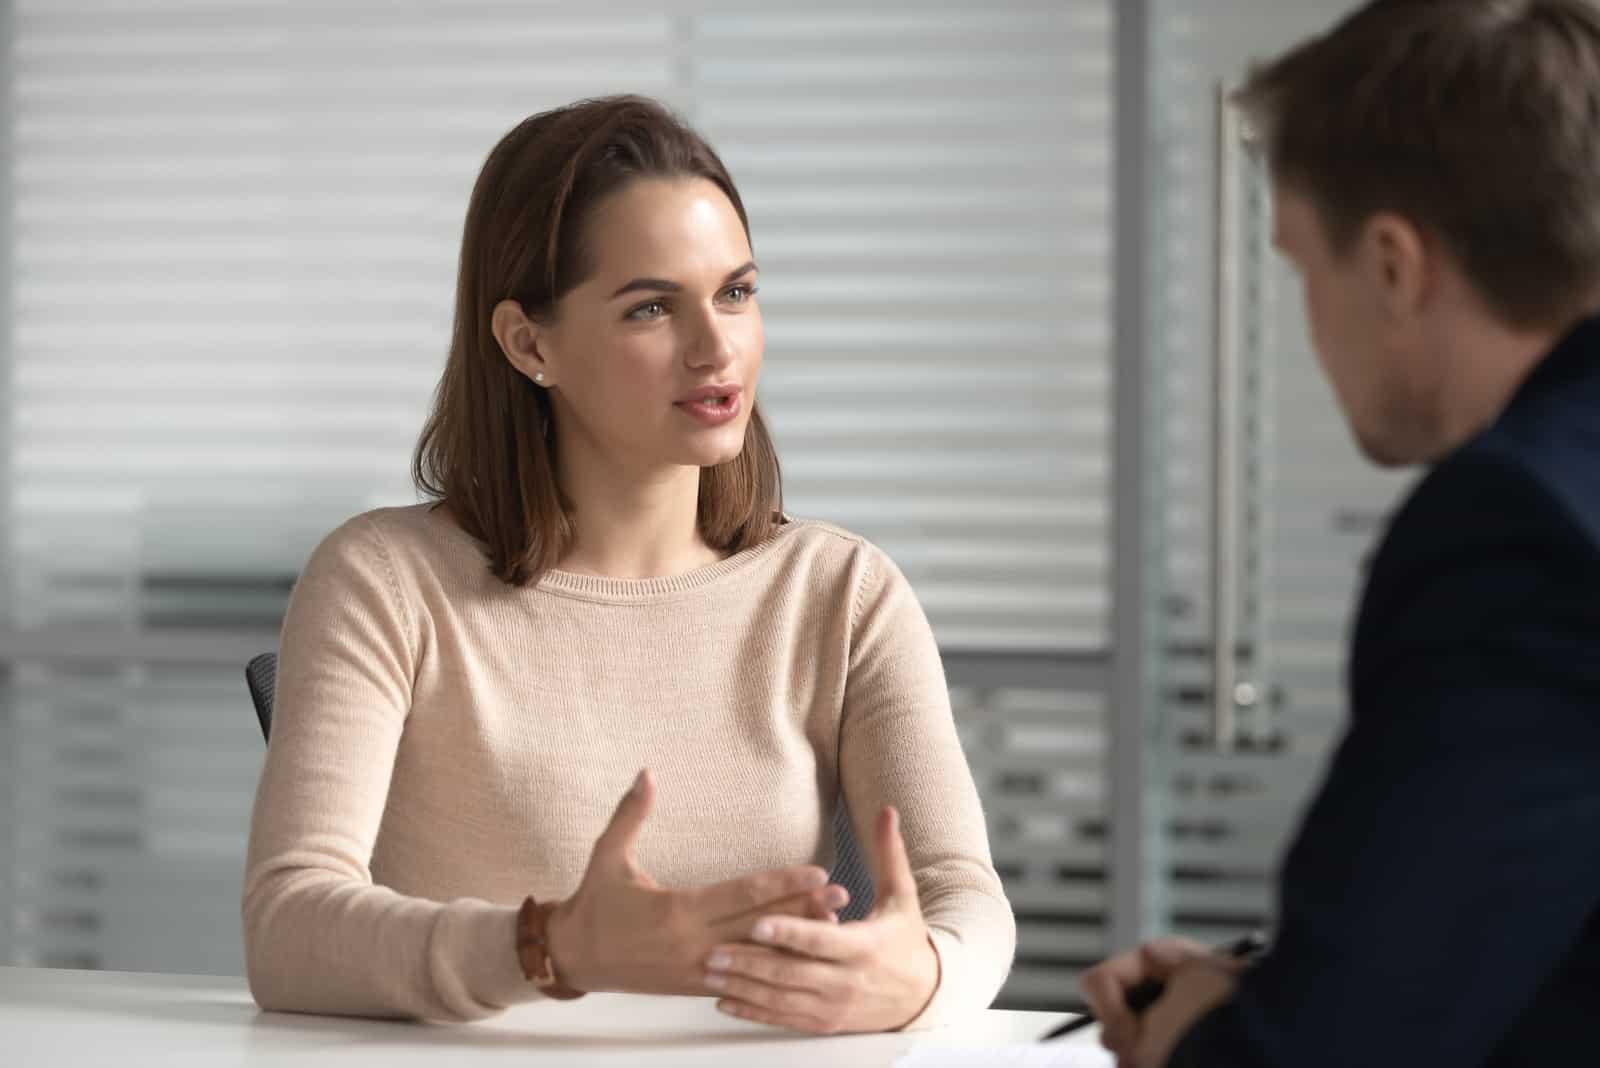 une femme aux cheveux bruns courts parle à un homme